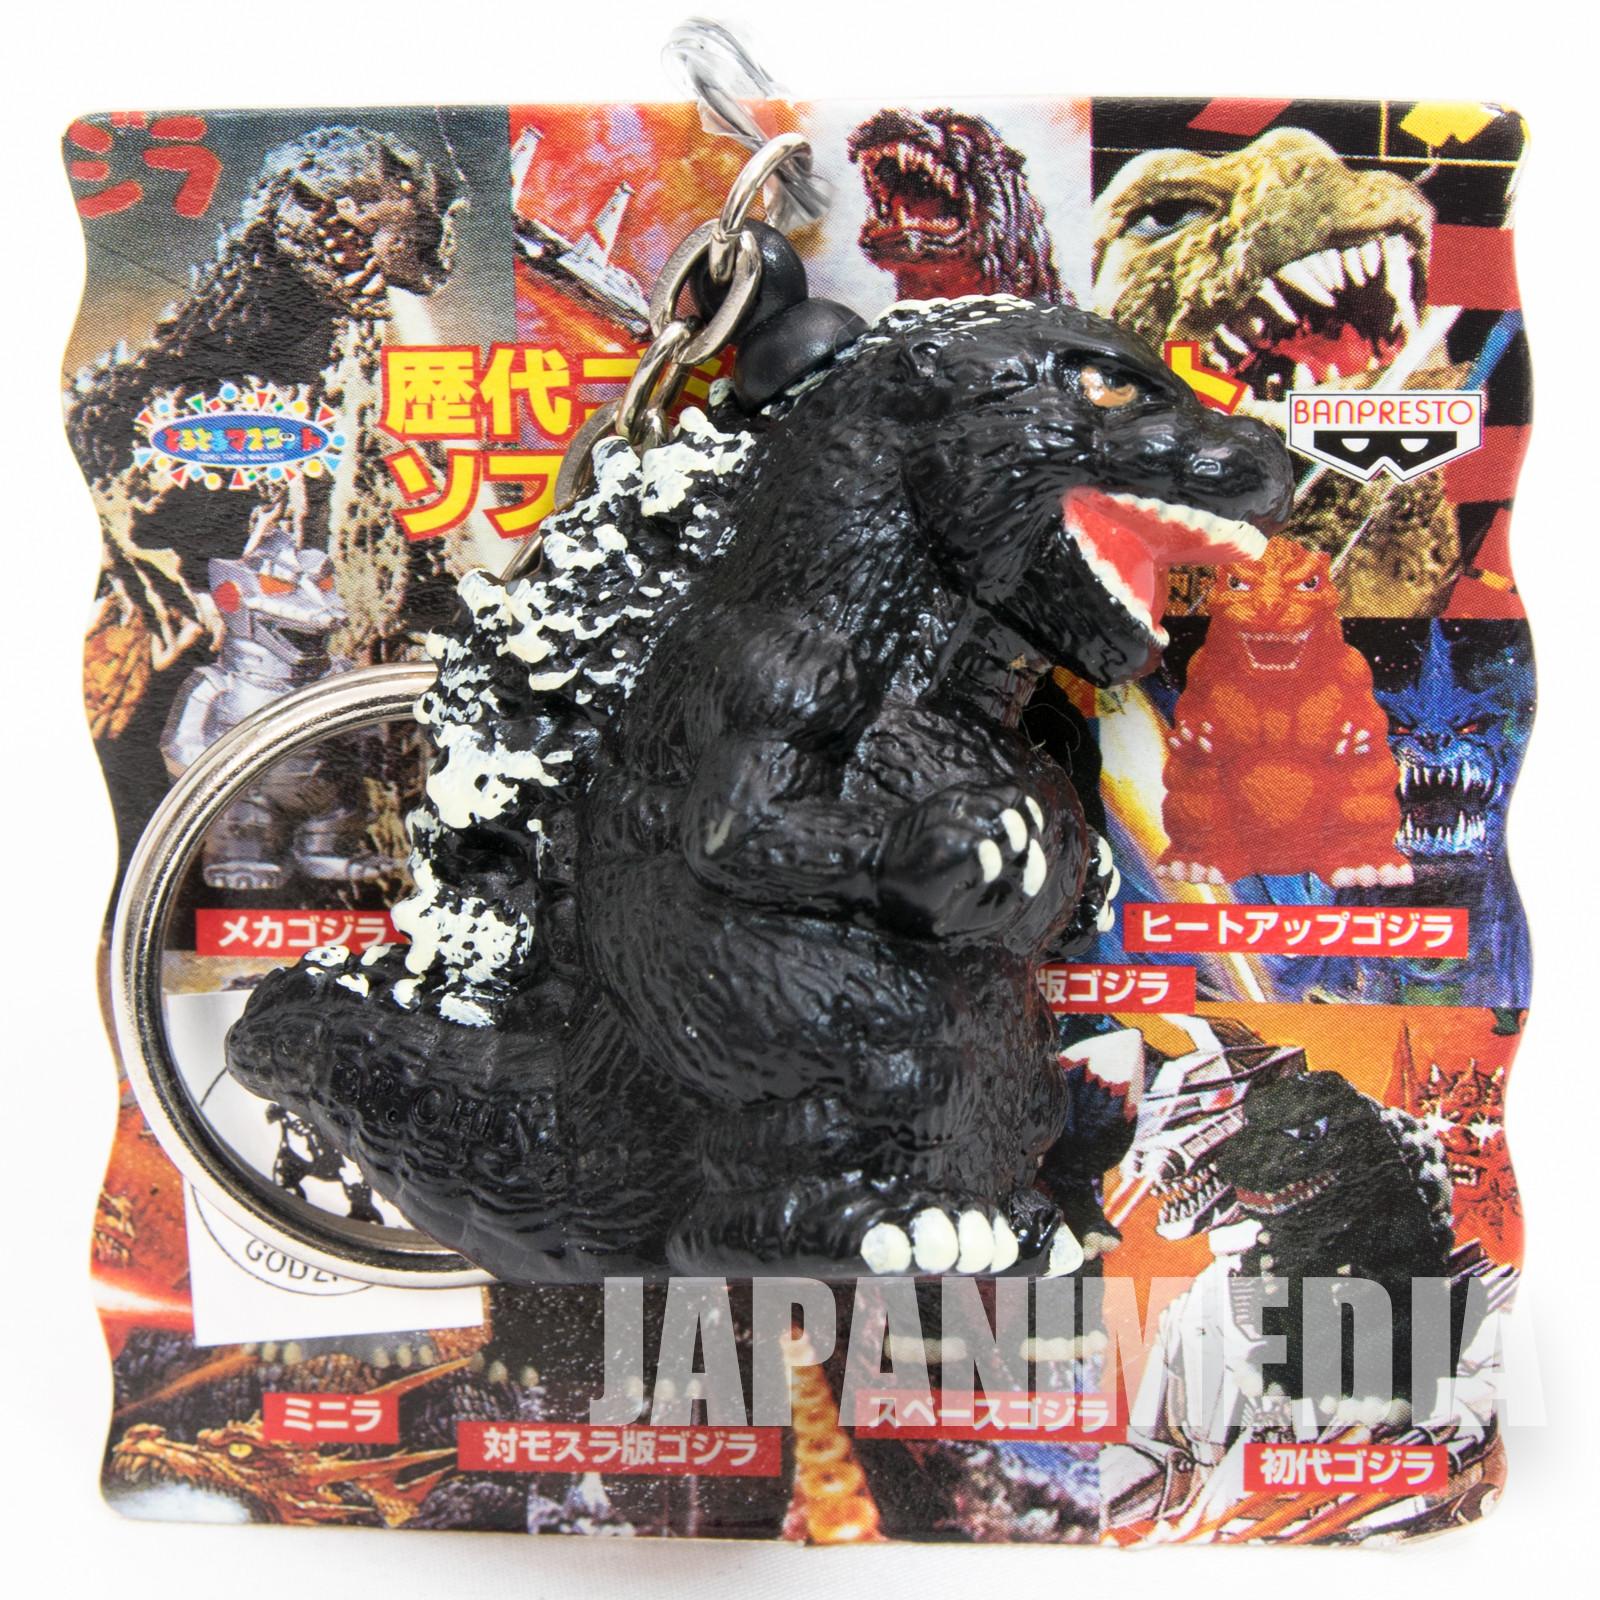 Godzilla Heisei Godzilla Mascot Figure Keychain JAPAN TOKUSATSU